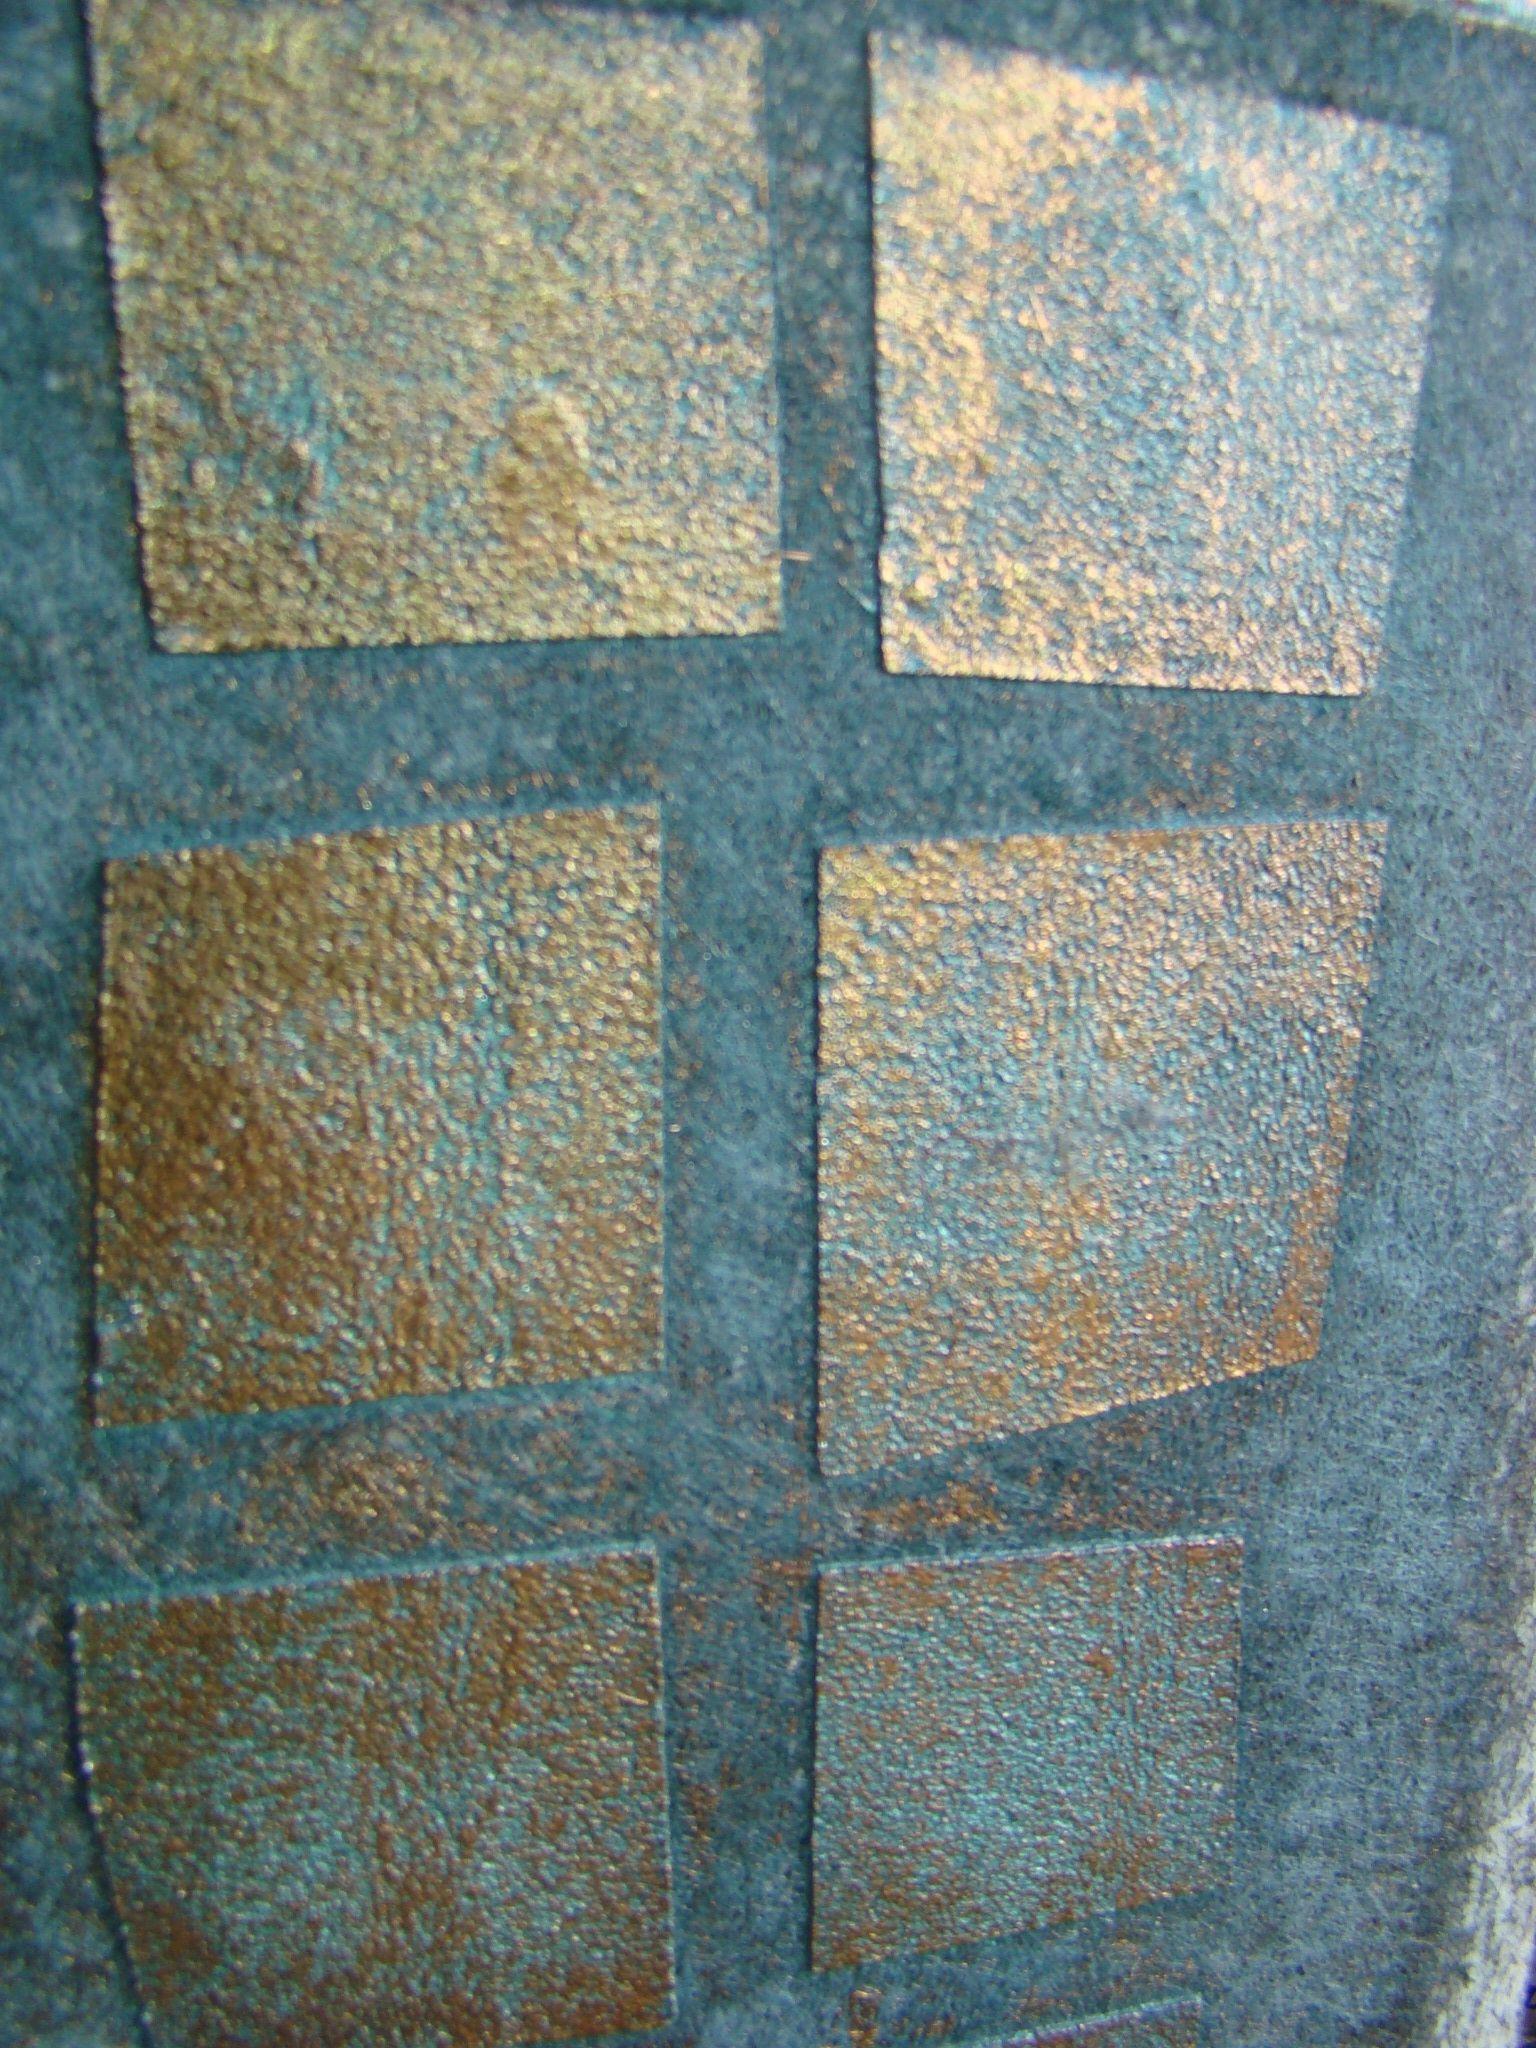 Décoration pour murs contemporain a la CHAUX (mono-couche), Détail Structura métallisé.  Effets design, metallic, bas relief, géométrique, patiné, wall, easy doing, stone, oxidation, french design, lime, stencil